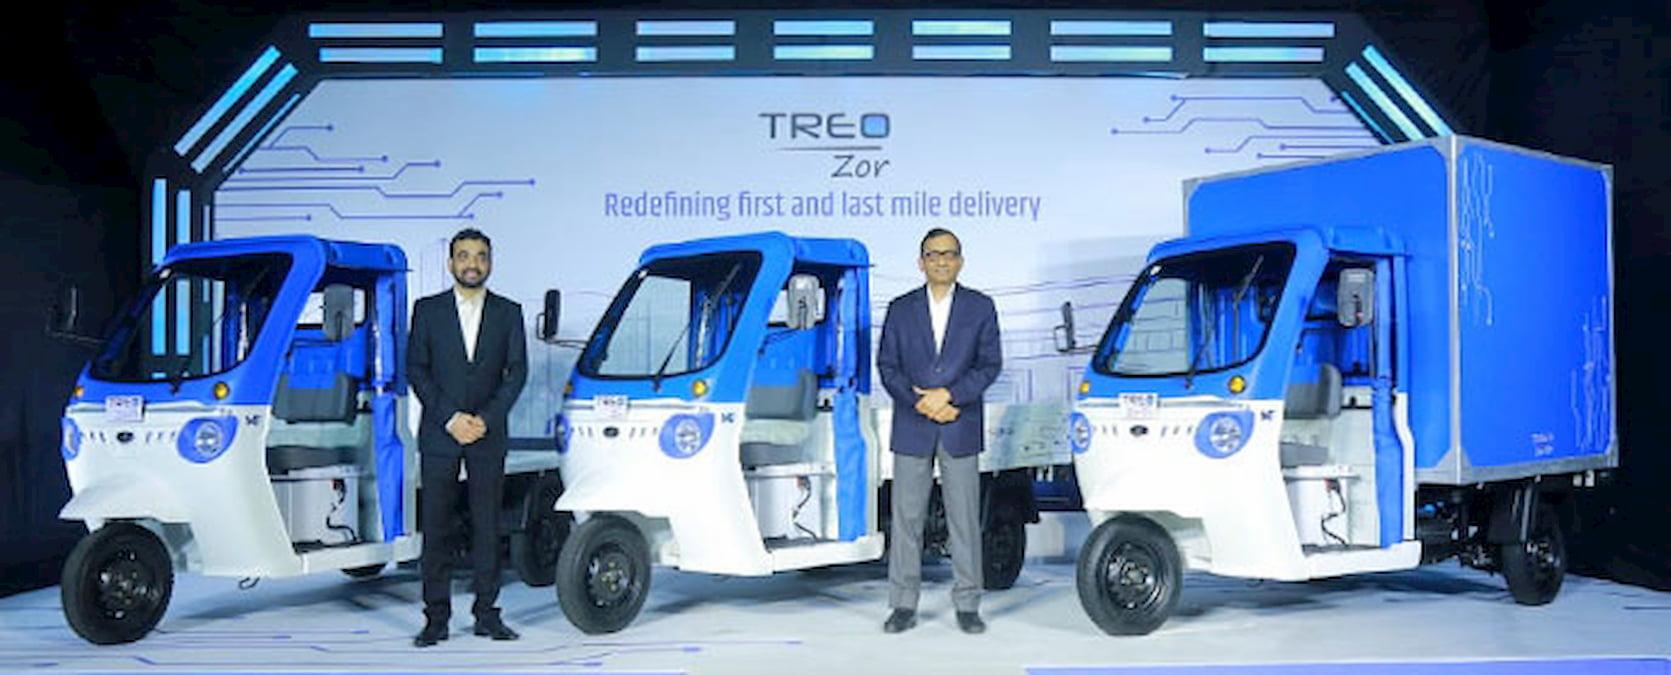 Mahindra Treo Zor launch